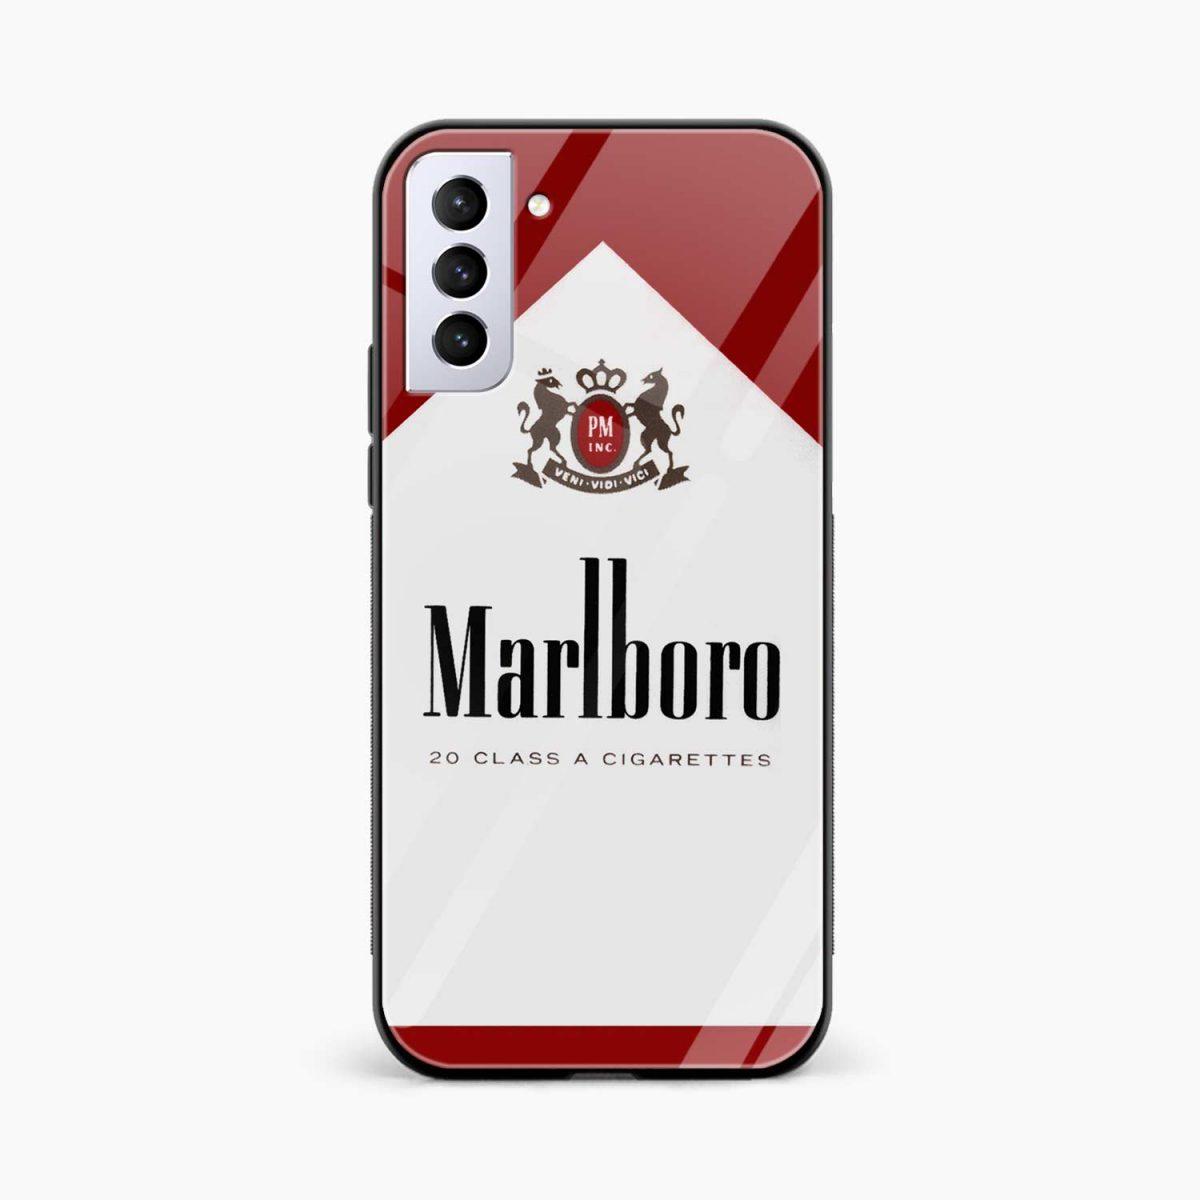 marlboro cigarette box front view samsung s21 plug back cover